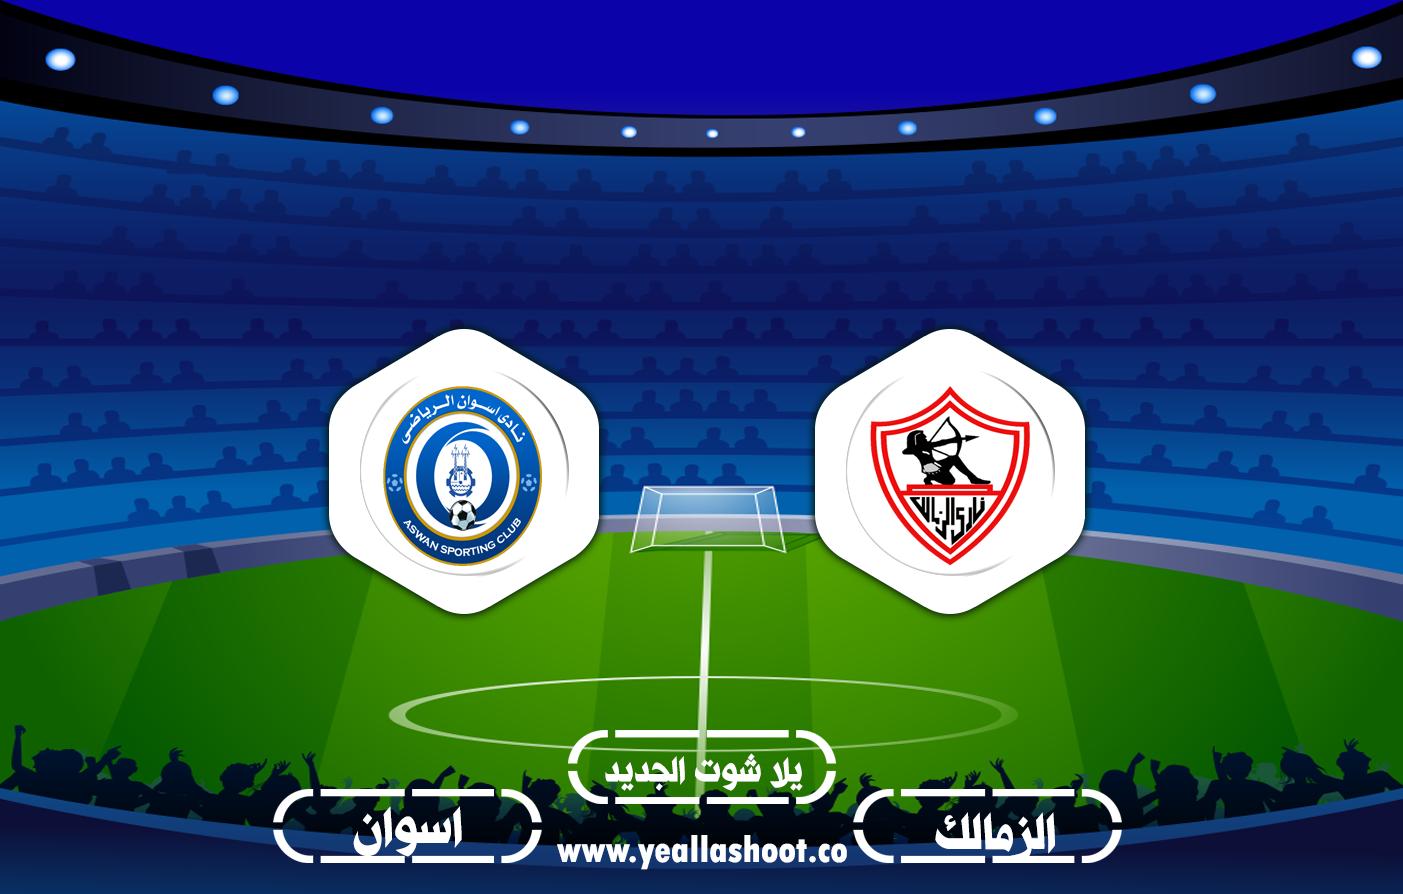 مشاهدة مباراة اسوان والزمالك بث مباشر 18-09-2020 الدوري المصري